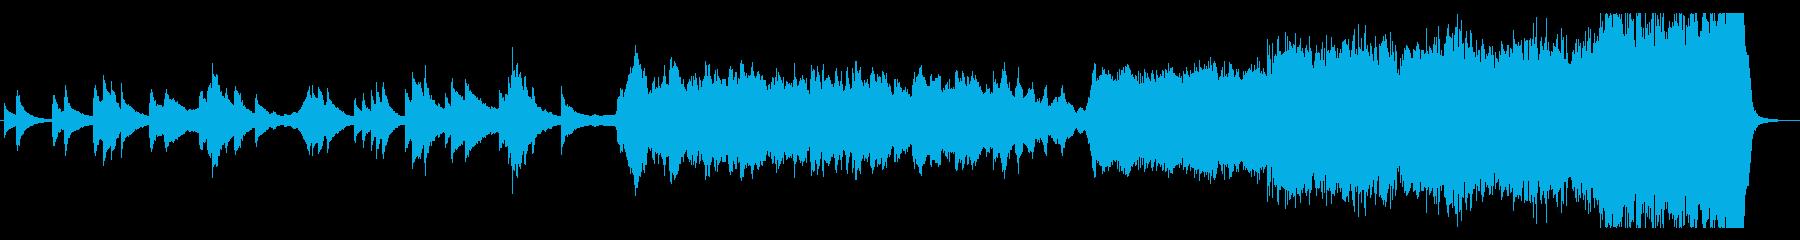 ピアノとチェロのイントロから感動的な展開の再生済みの波形